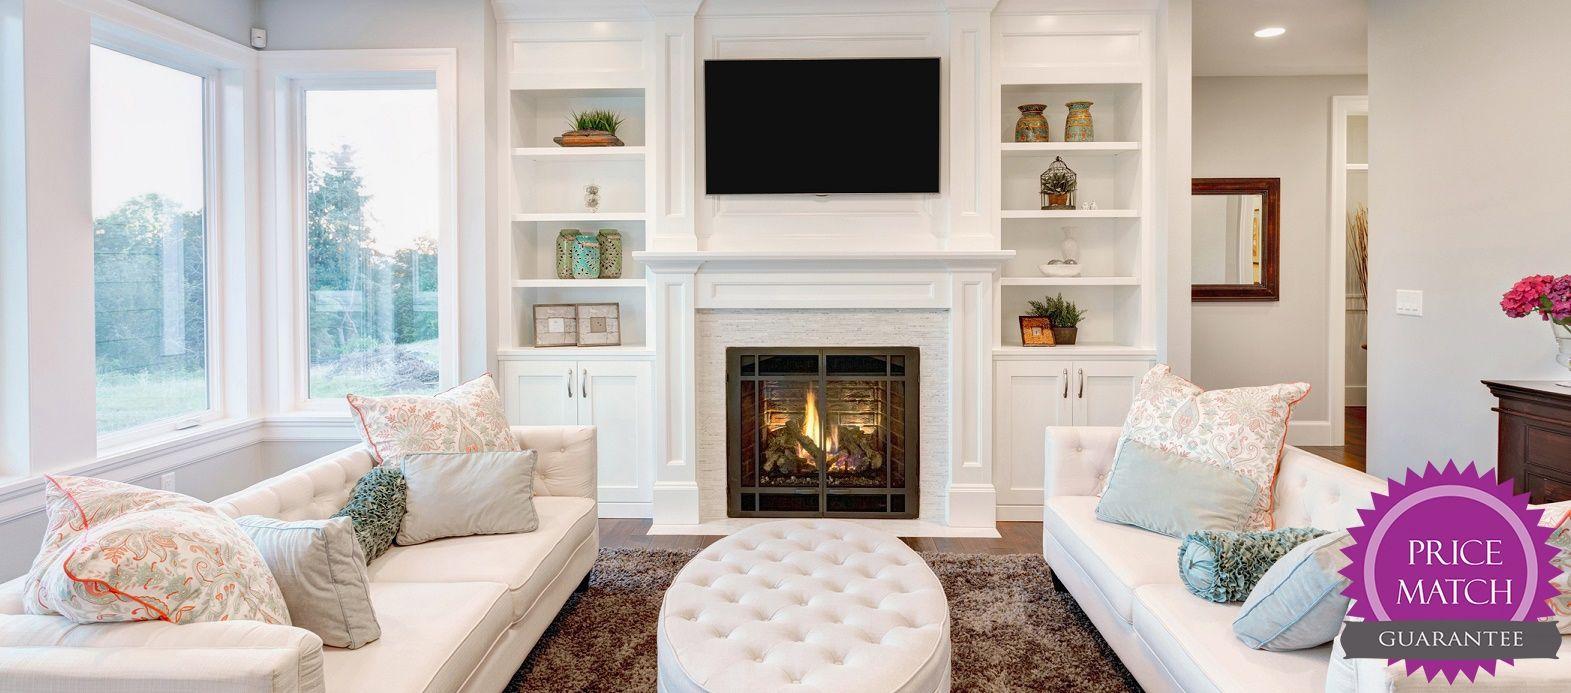 Discount Furniture Ireland | Furniture Stores Dublin | Unusual Furniture  Online | Furniture Sale - One